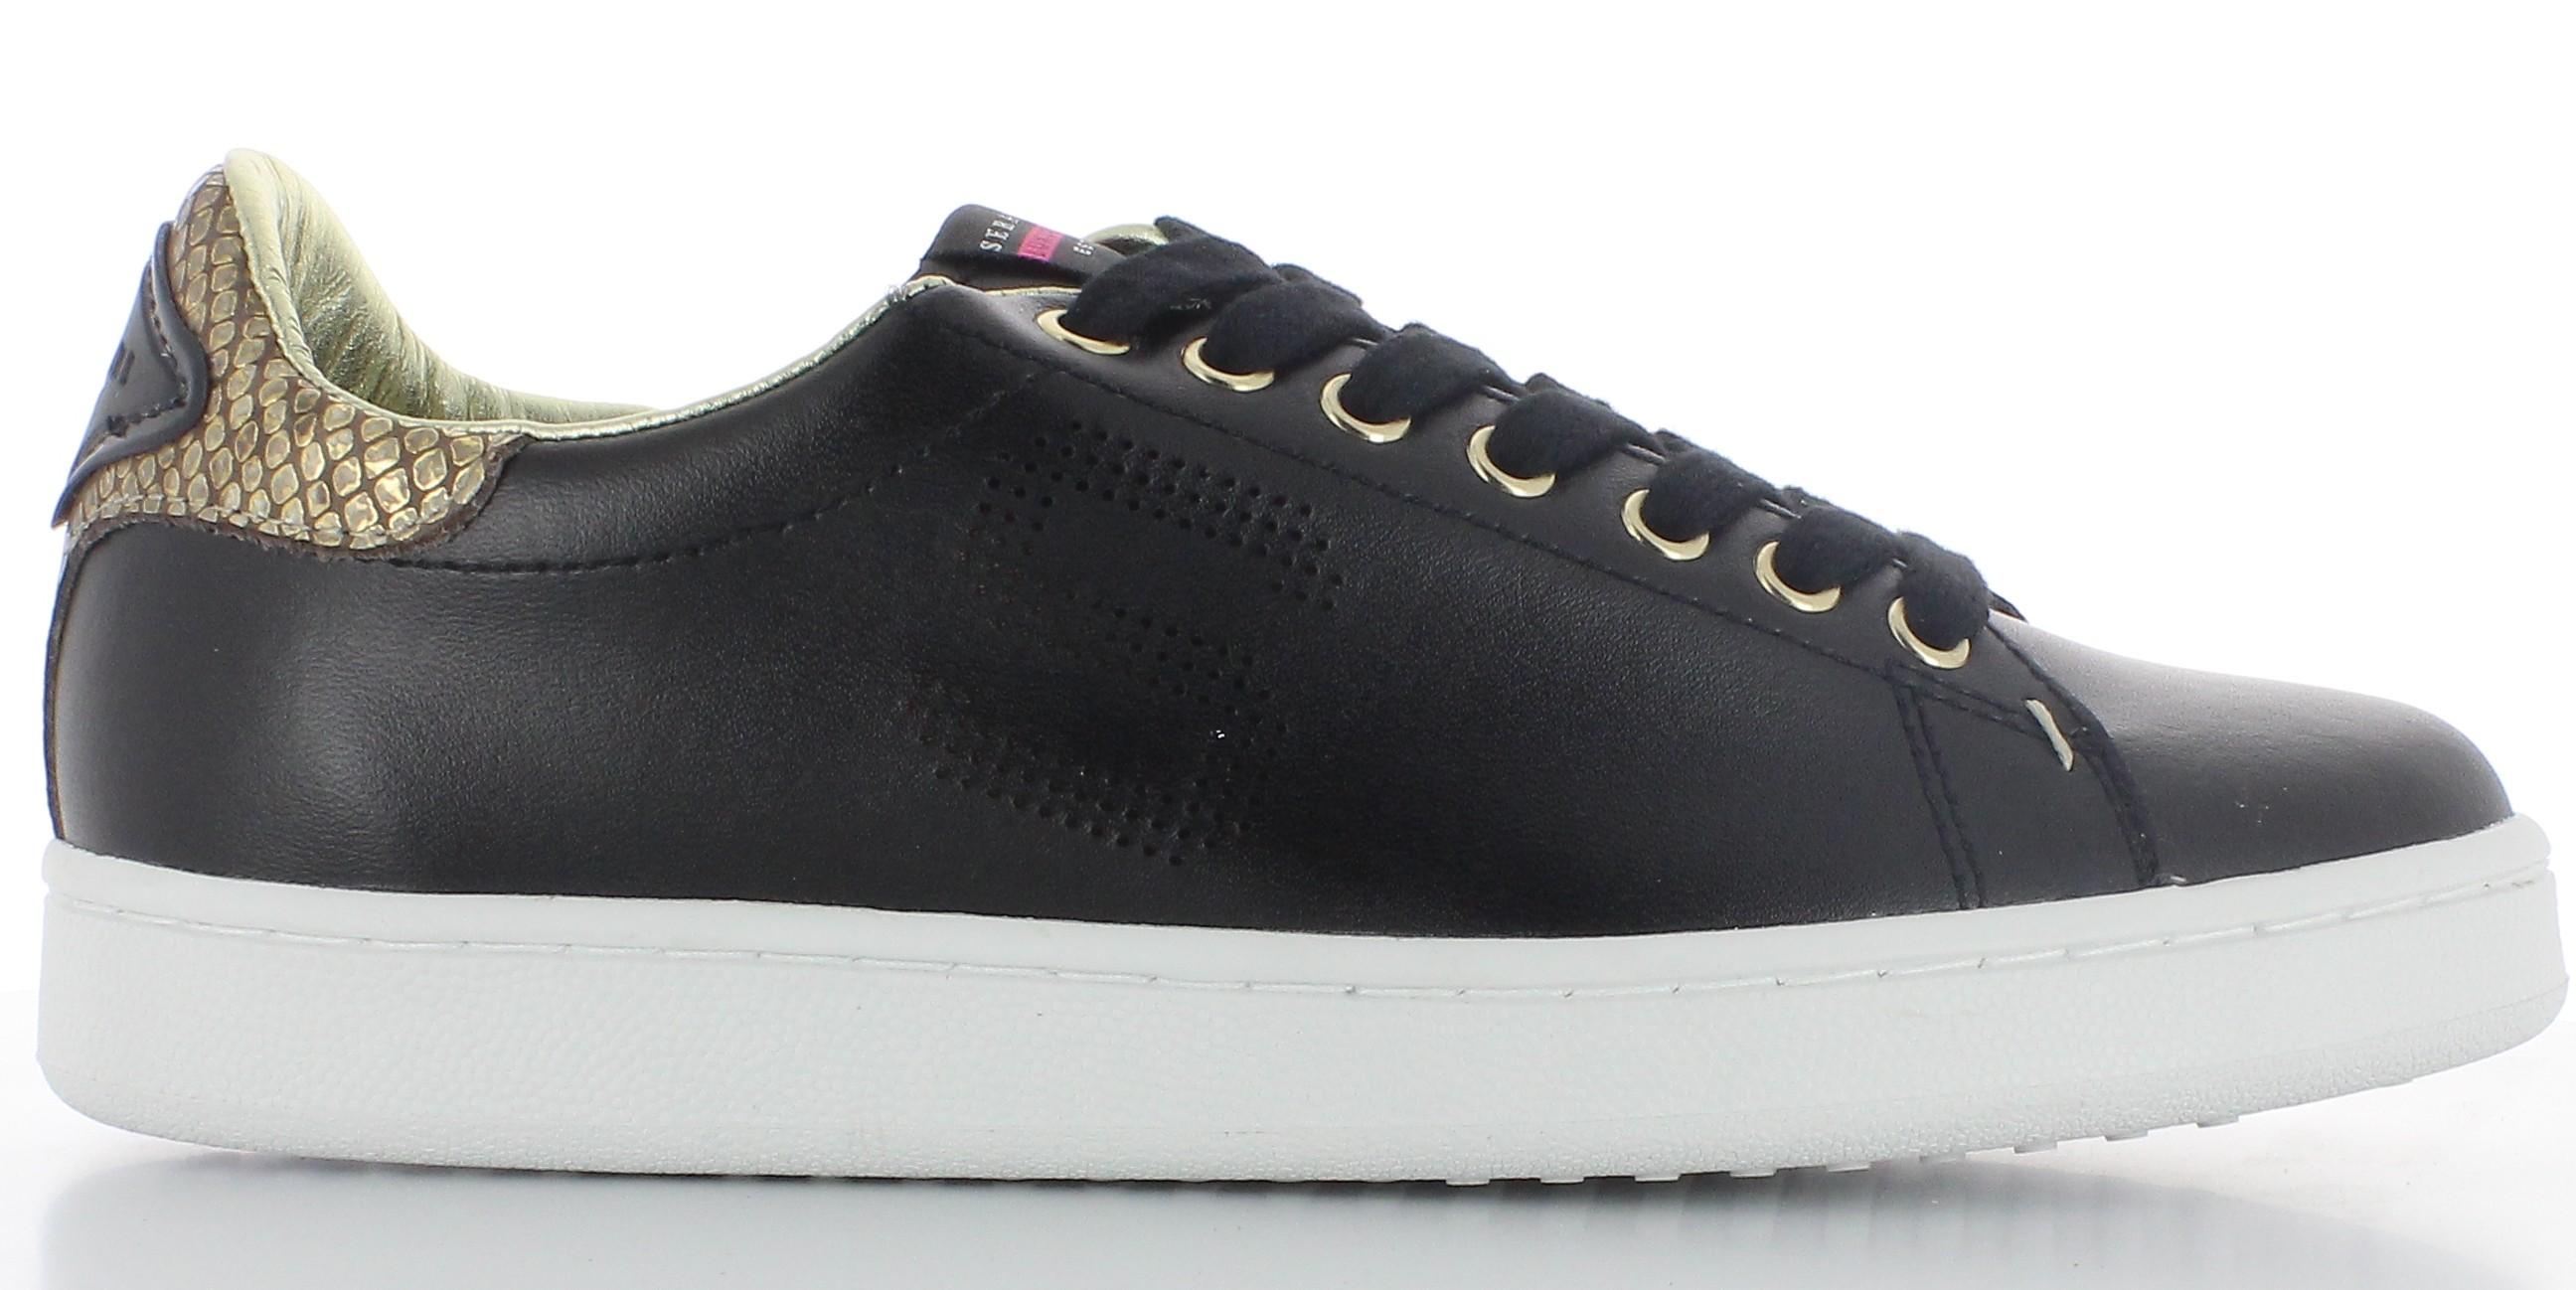 Sneakers femme serafini